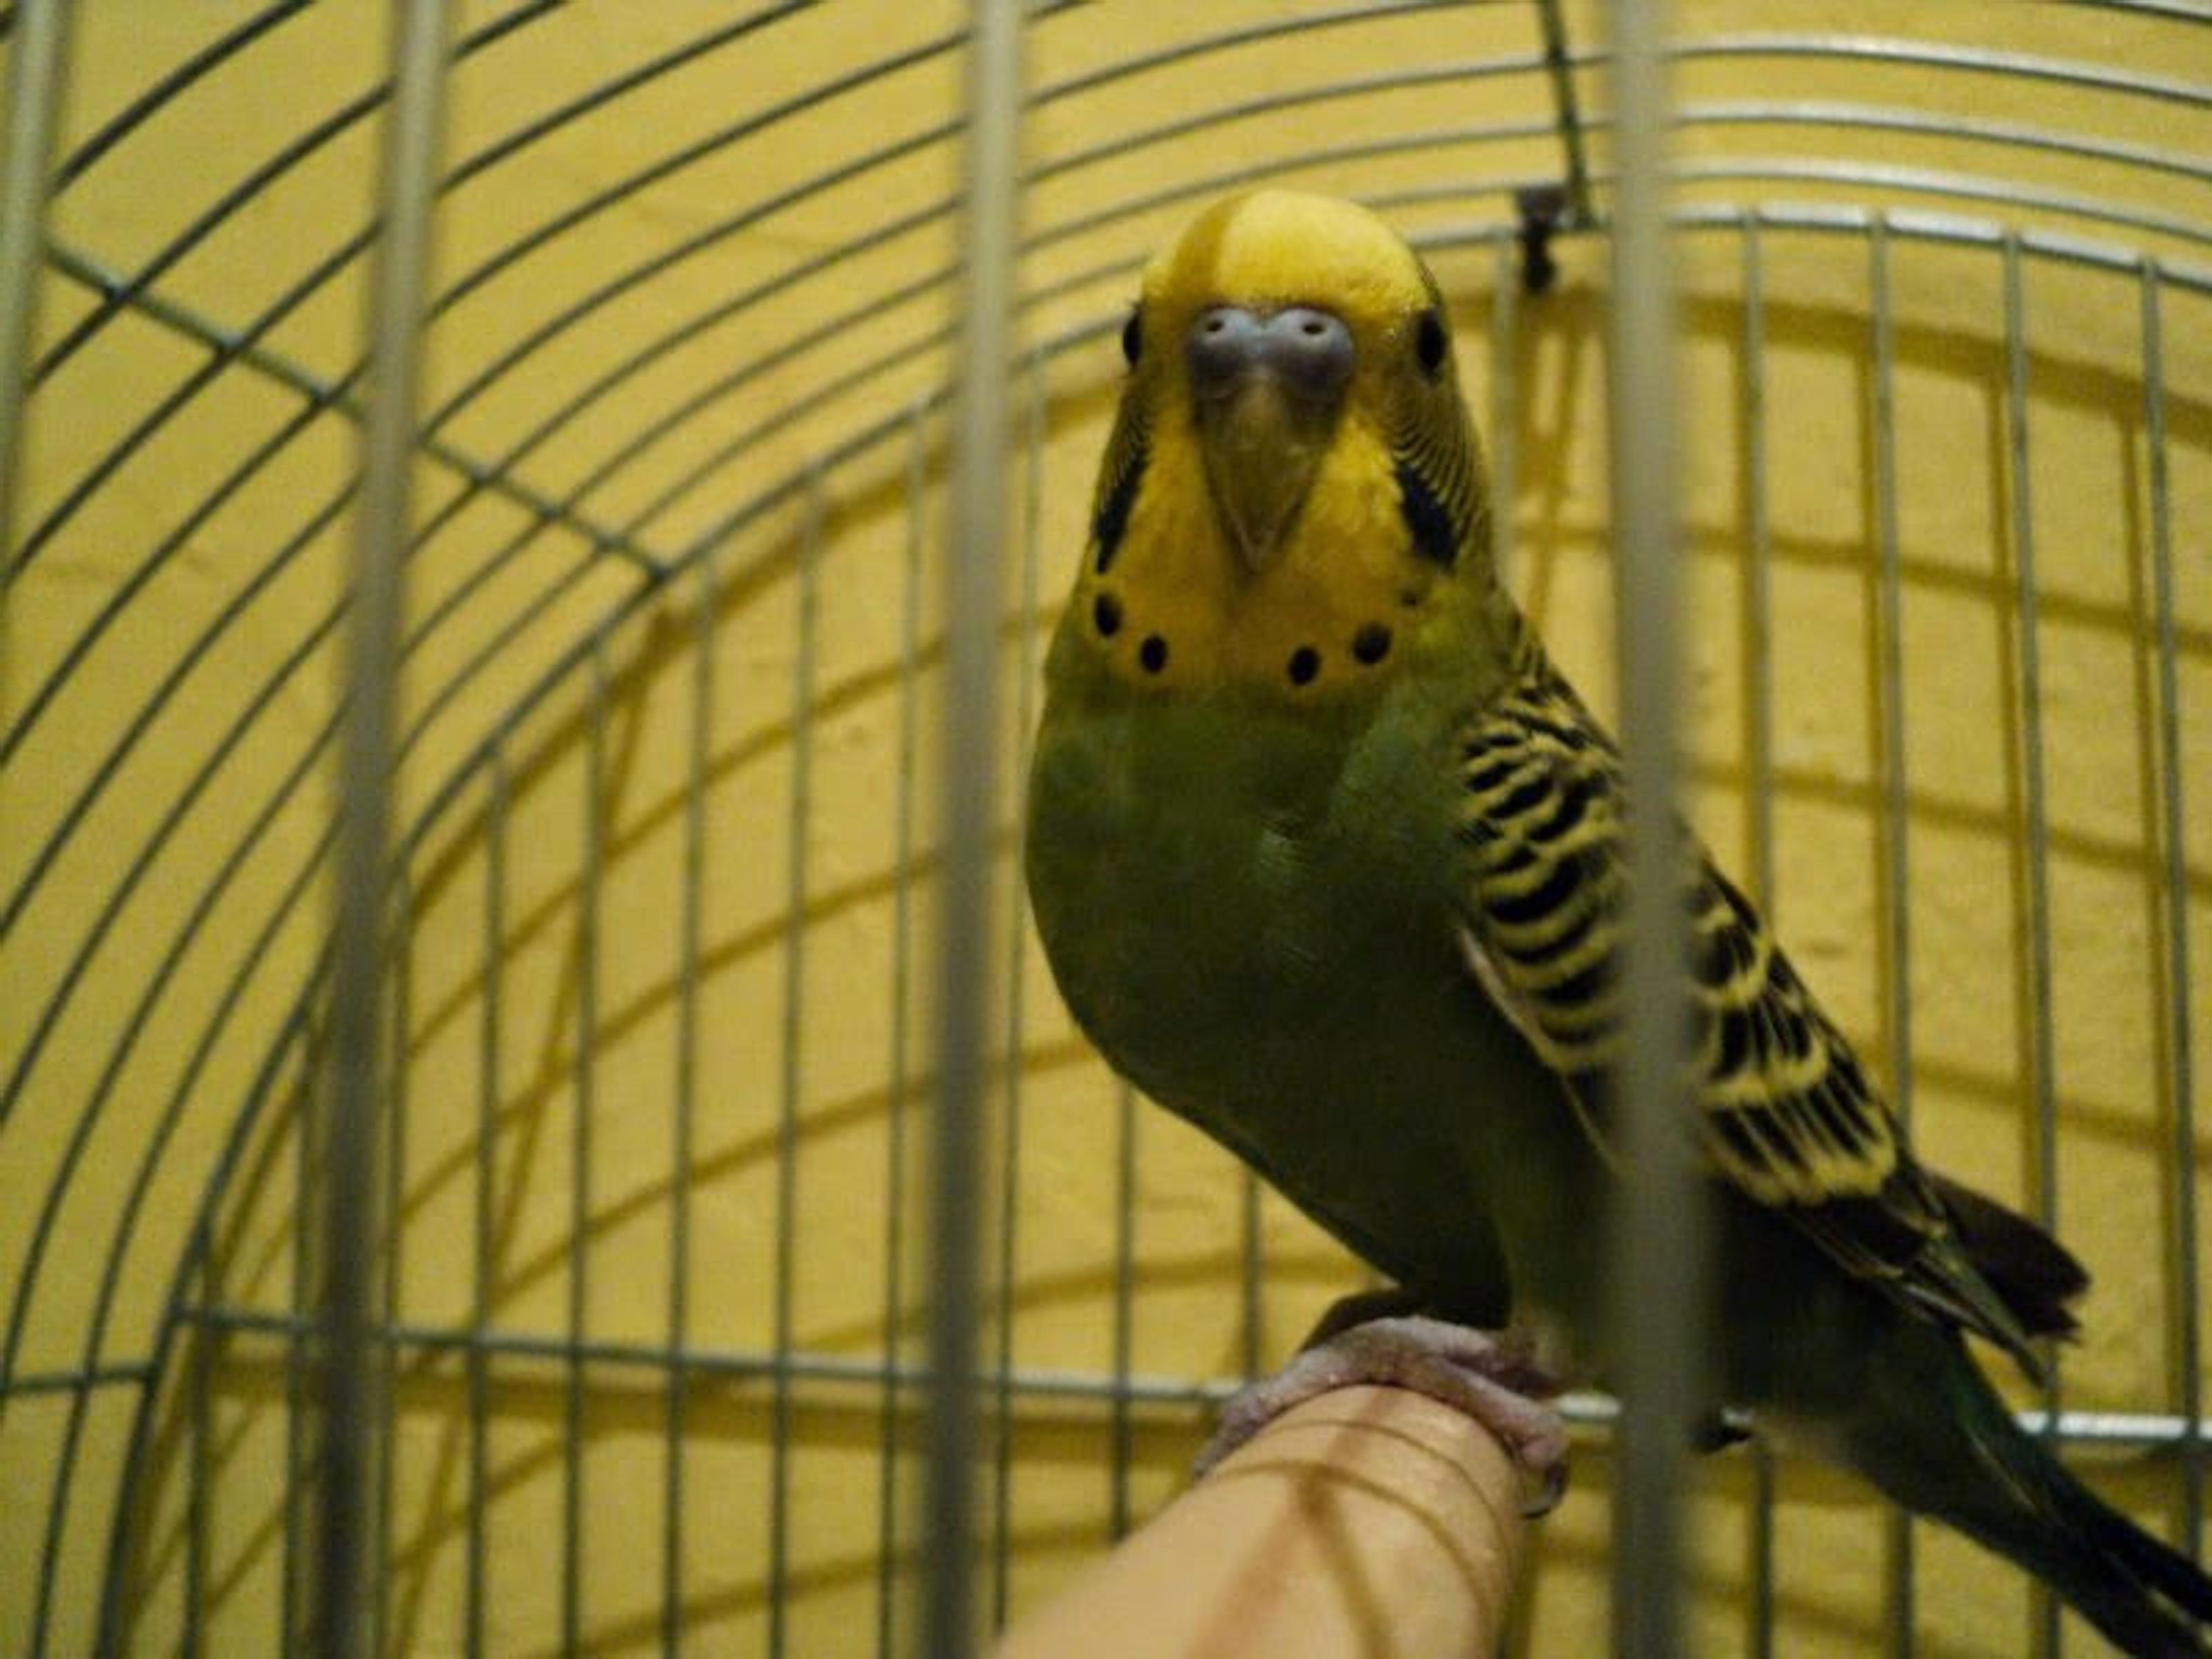 μεγάλο πουλί φωτογραφίες δωρεάν